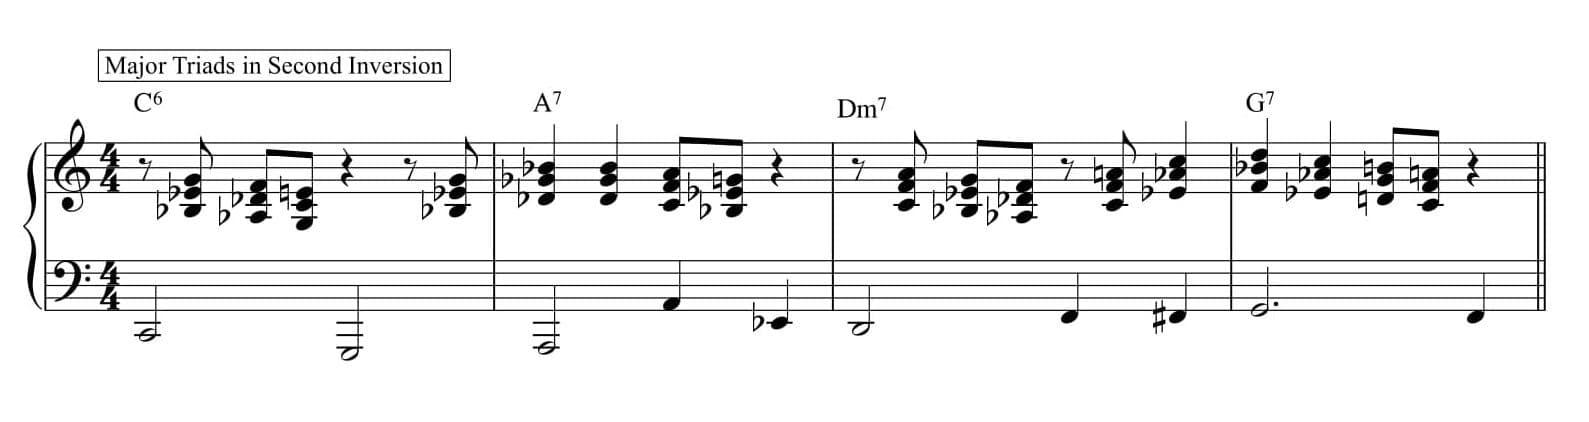 Right hand harmonized melody